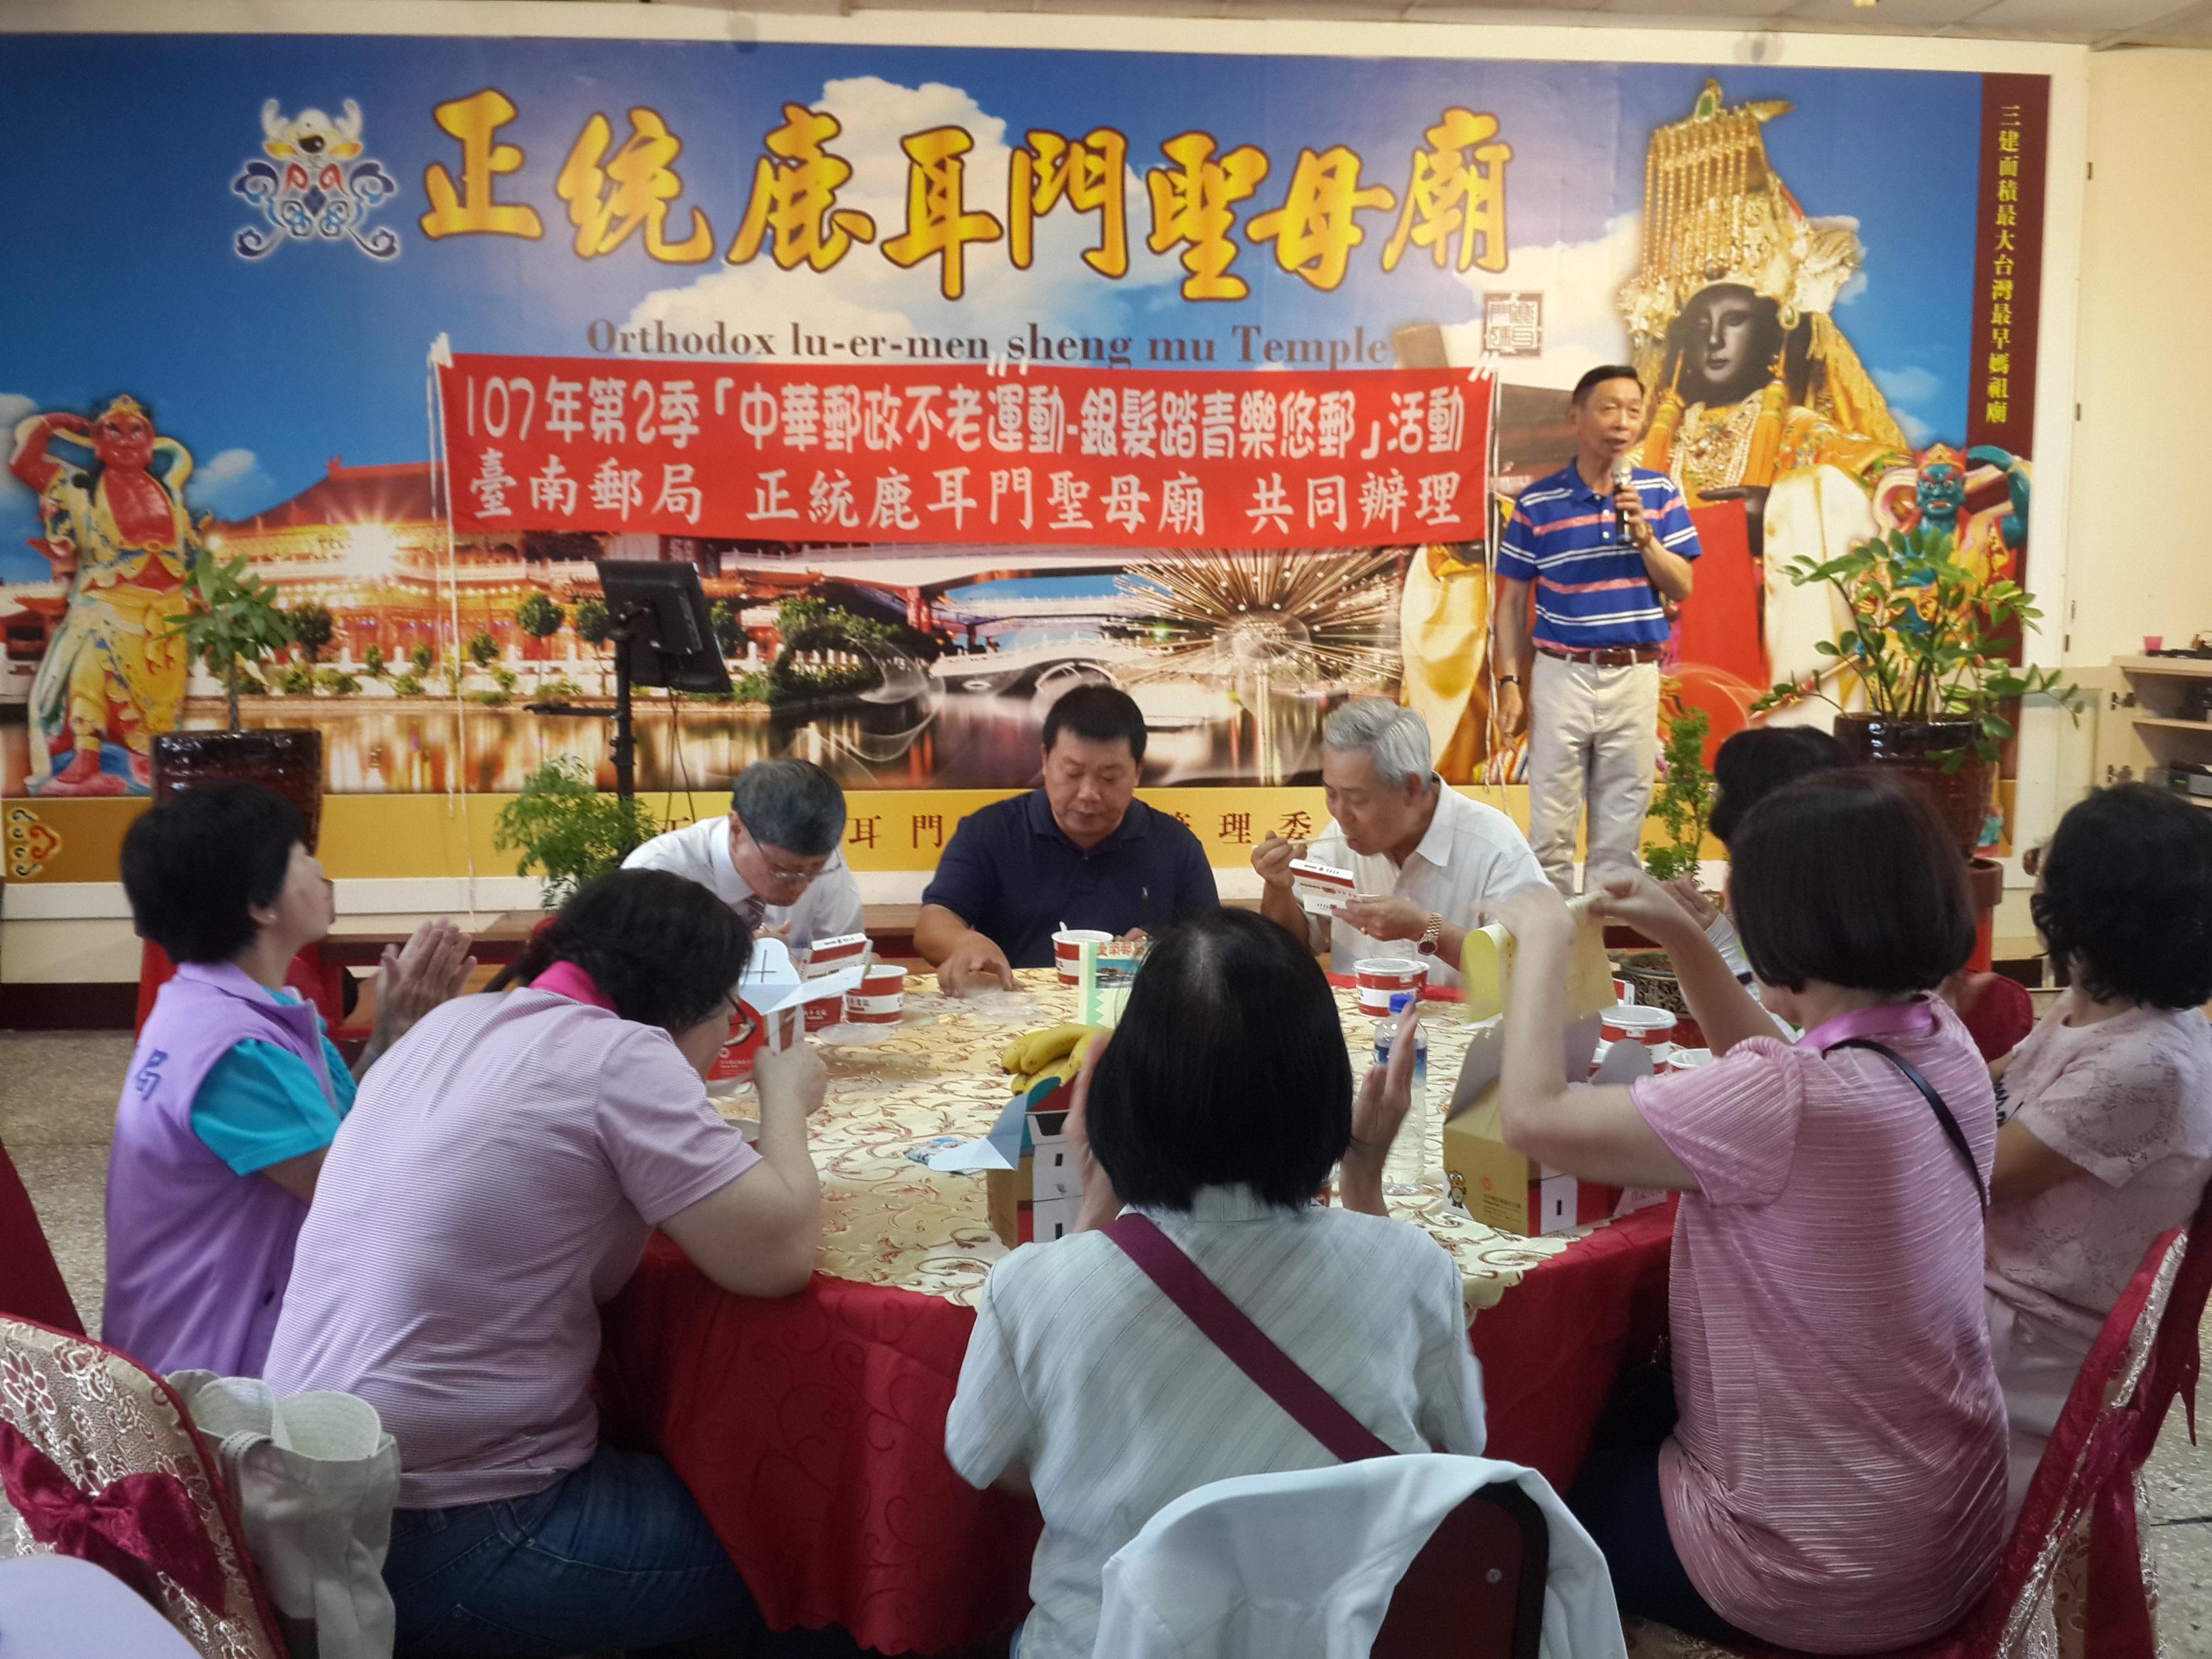 107年第2季「中華郵政不老運動-銀髮踏青樂悠郵」活動